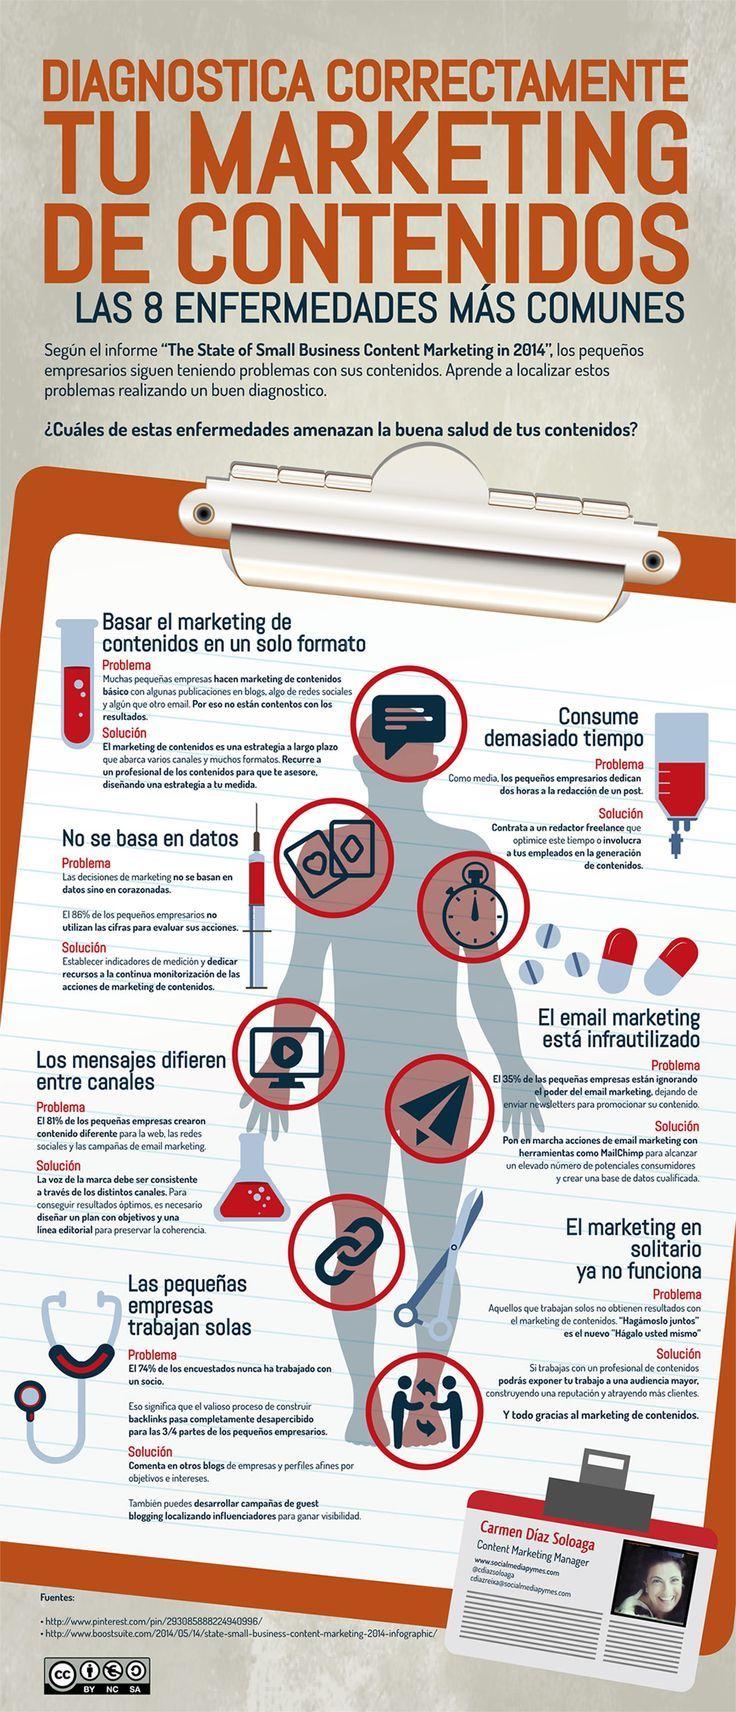 Marketing de Contenidos, las 8 Enfermedades Más Comunes